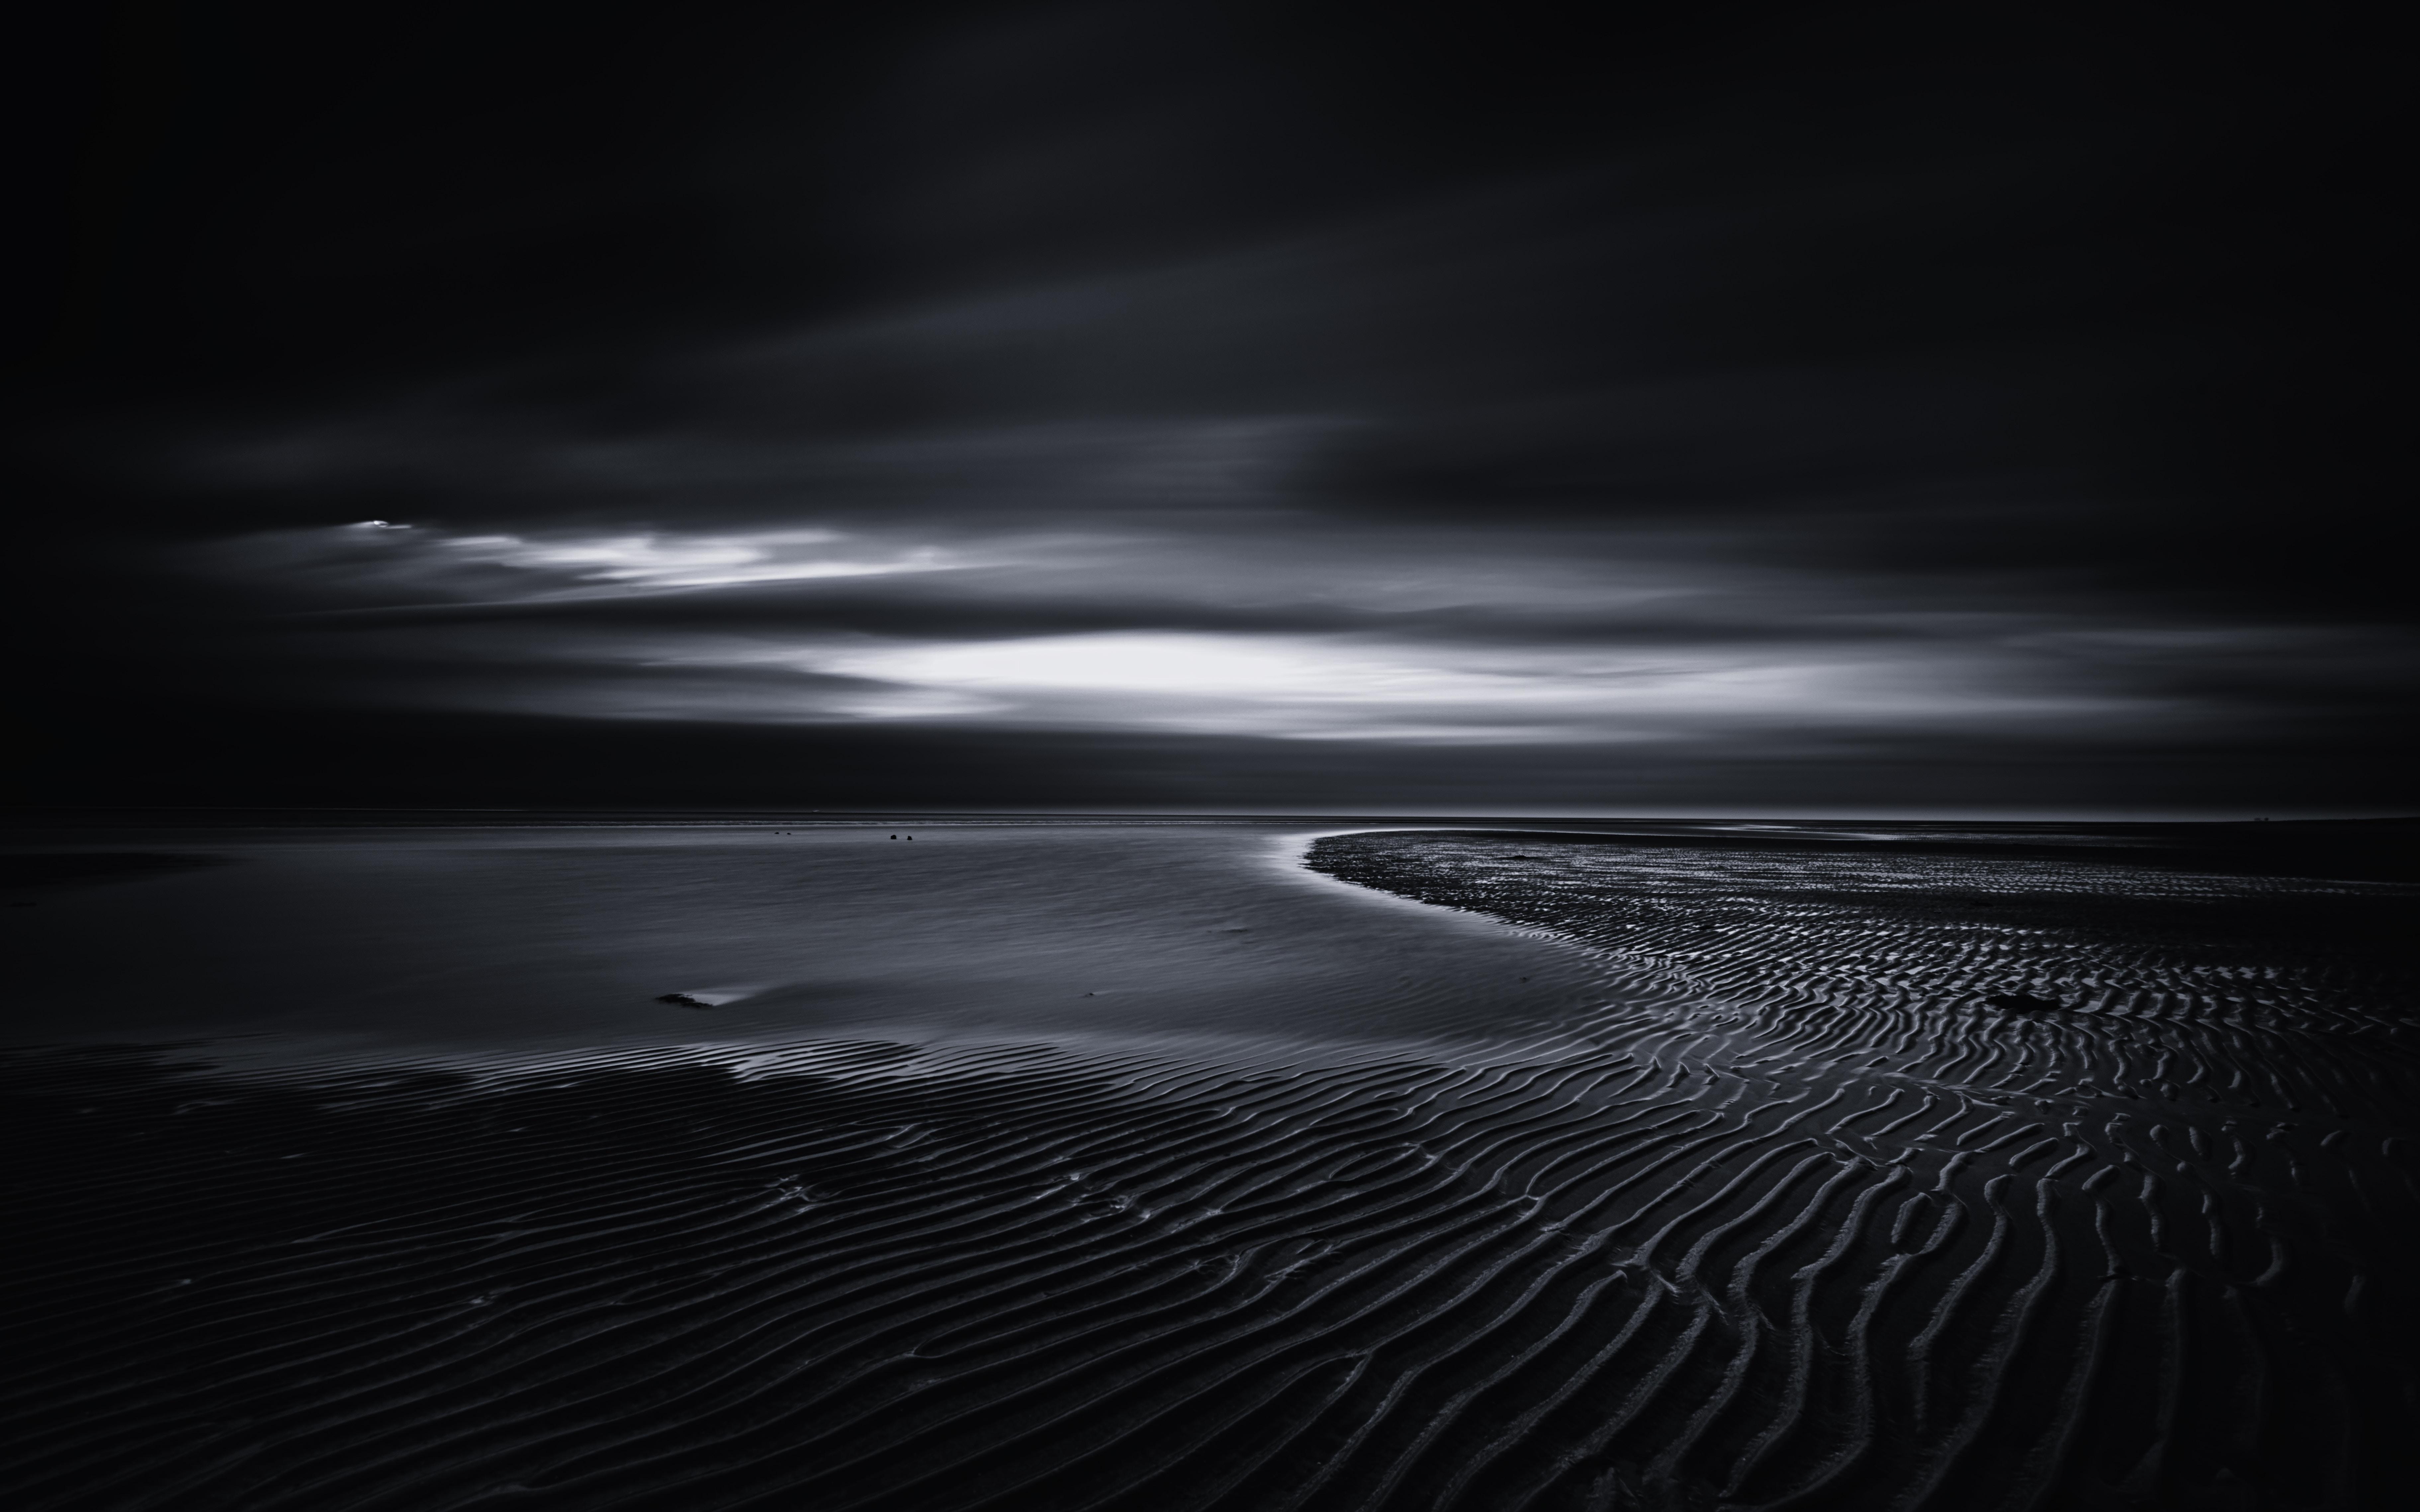 無料画像 風景 海 水 地平線 雲 黒と白 空 反射 落ち着いた